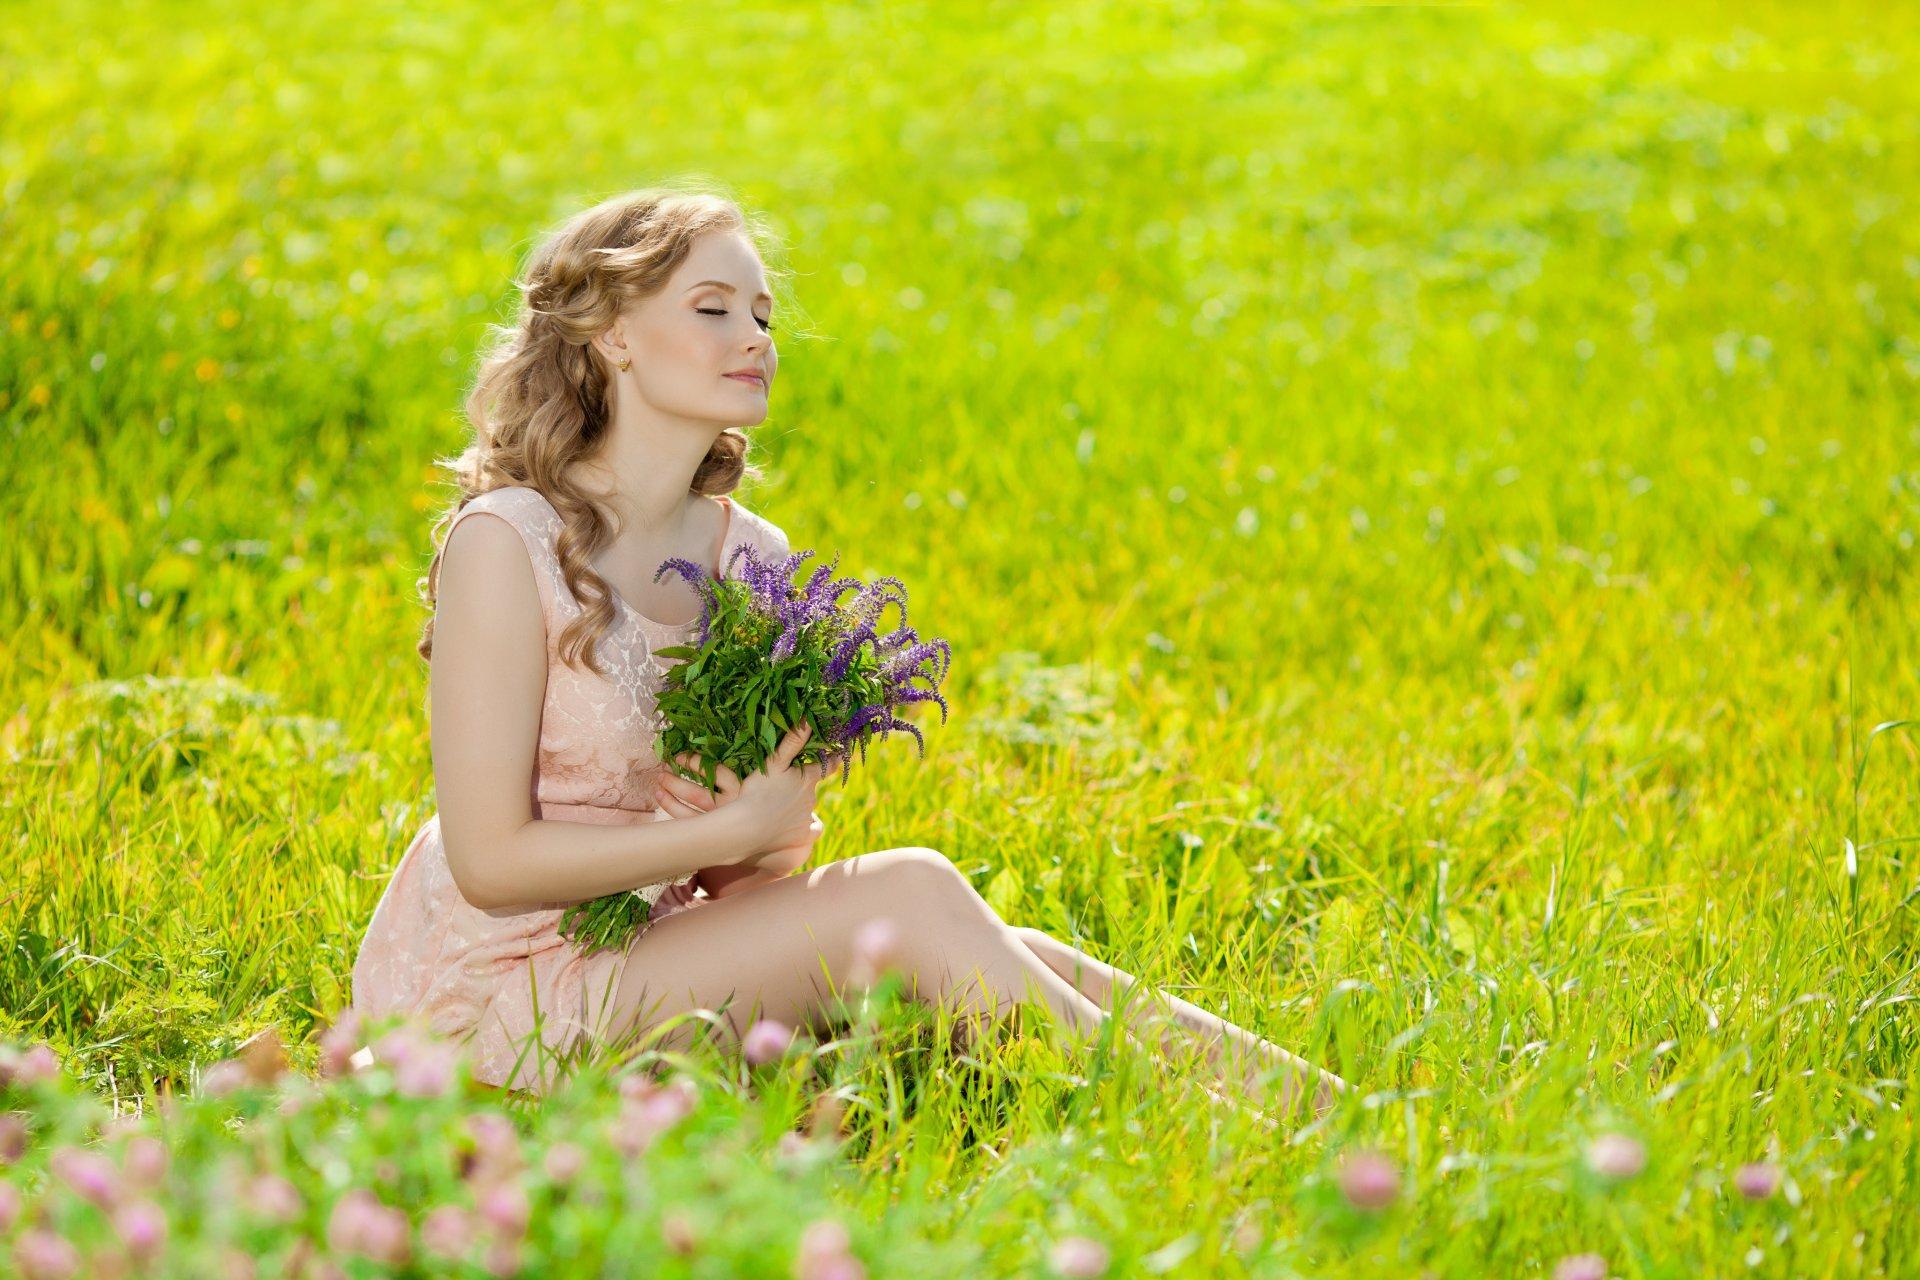 разлада стало со всего мира фото девушек фото природы этого мария